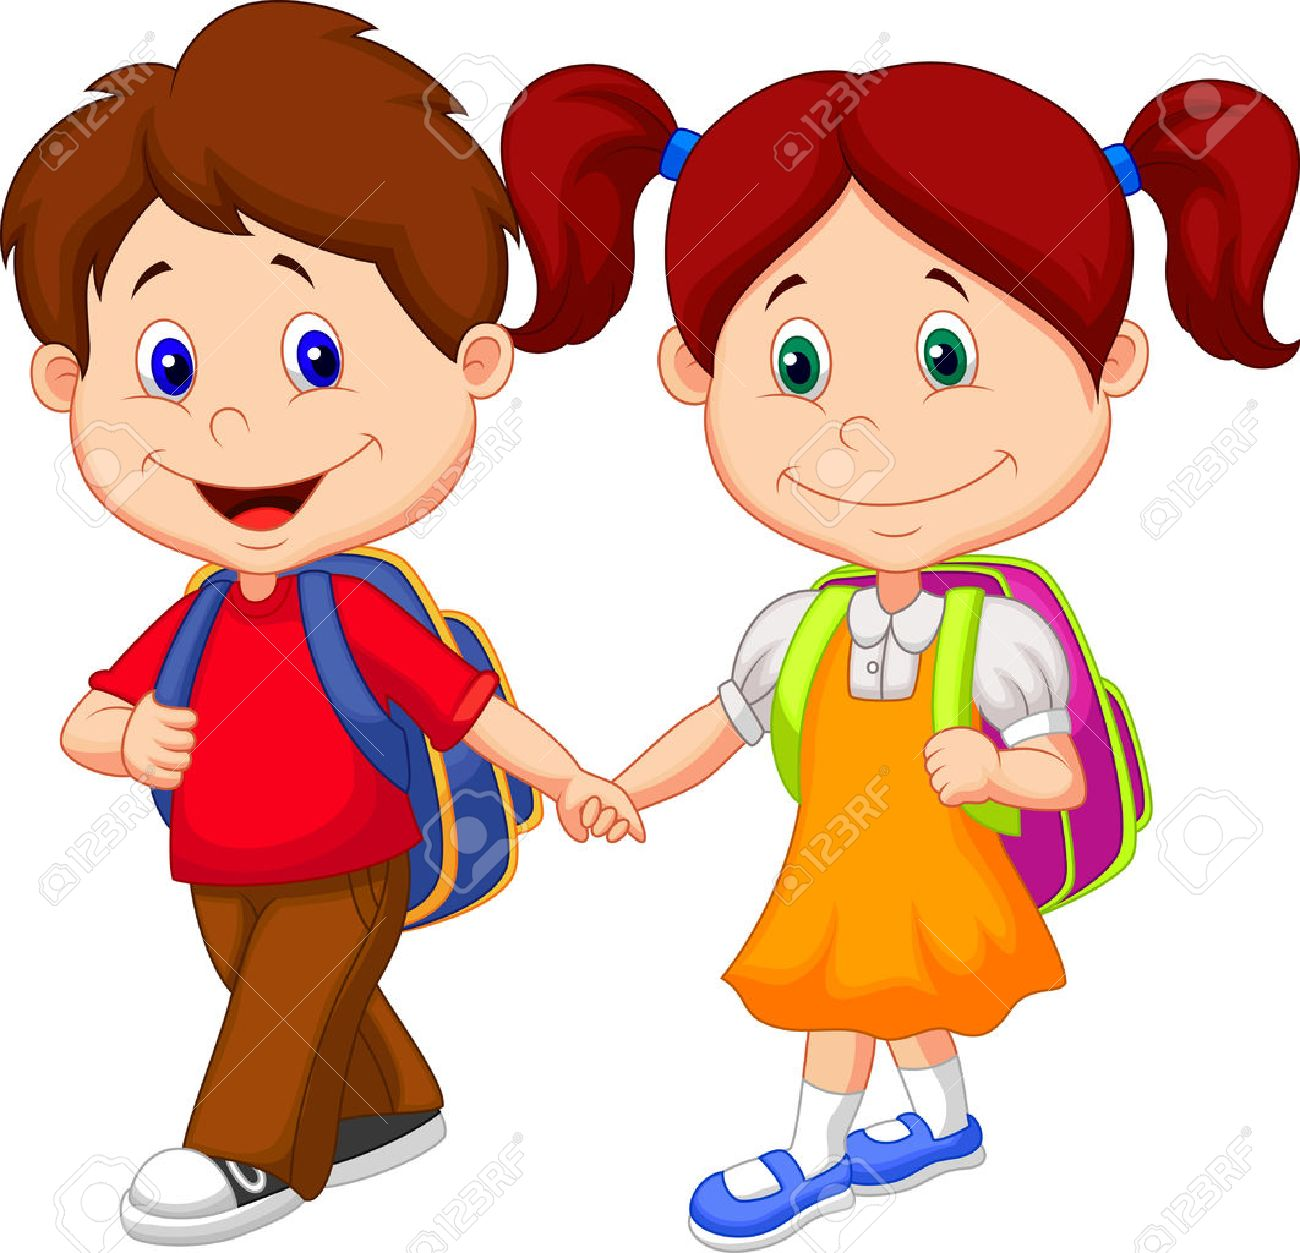 Resultado de imagen para niños felices animados